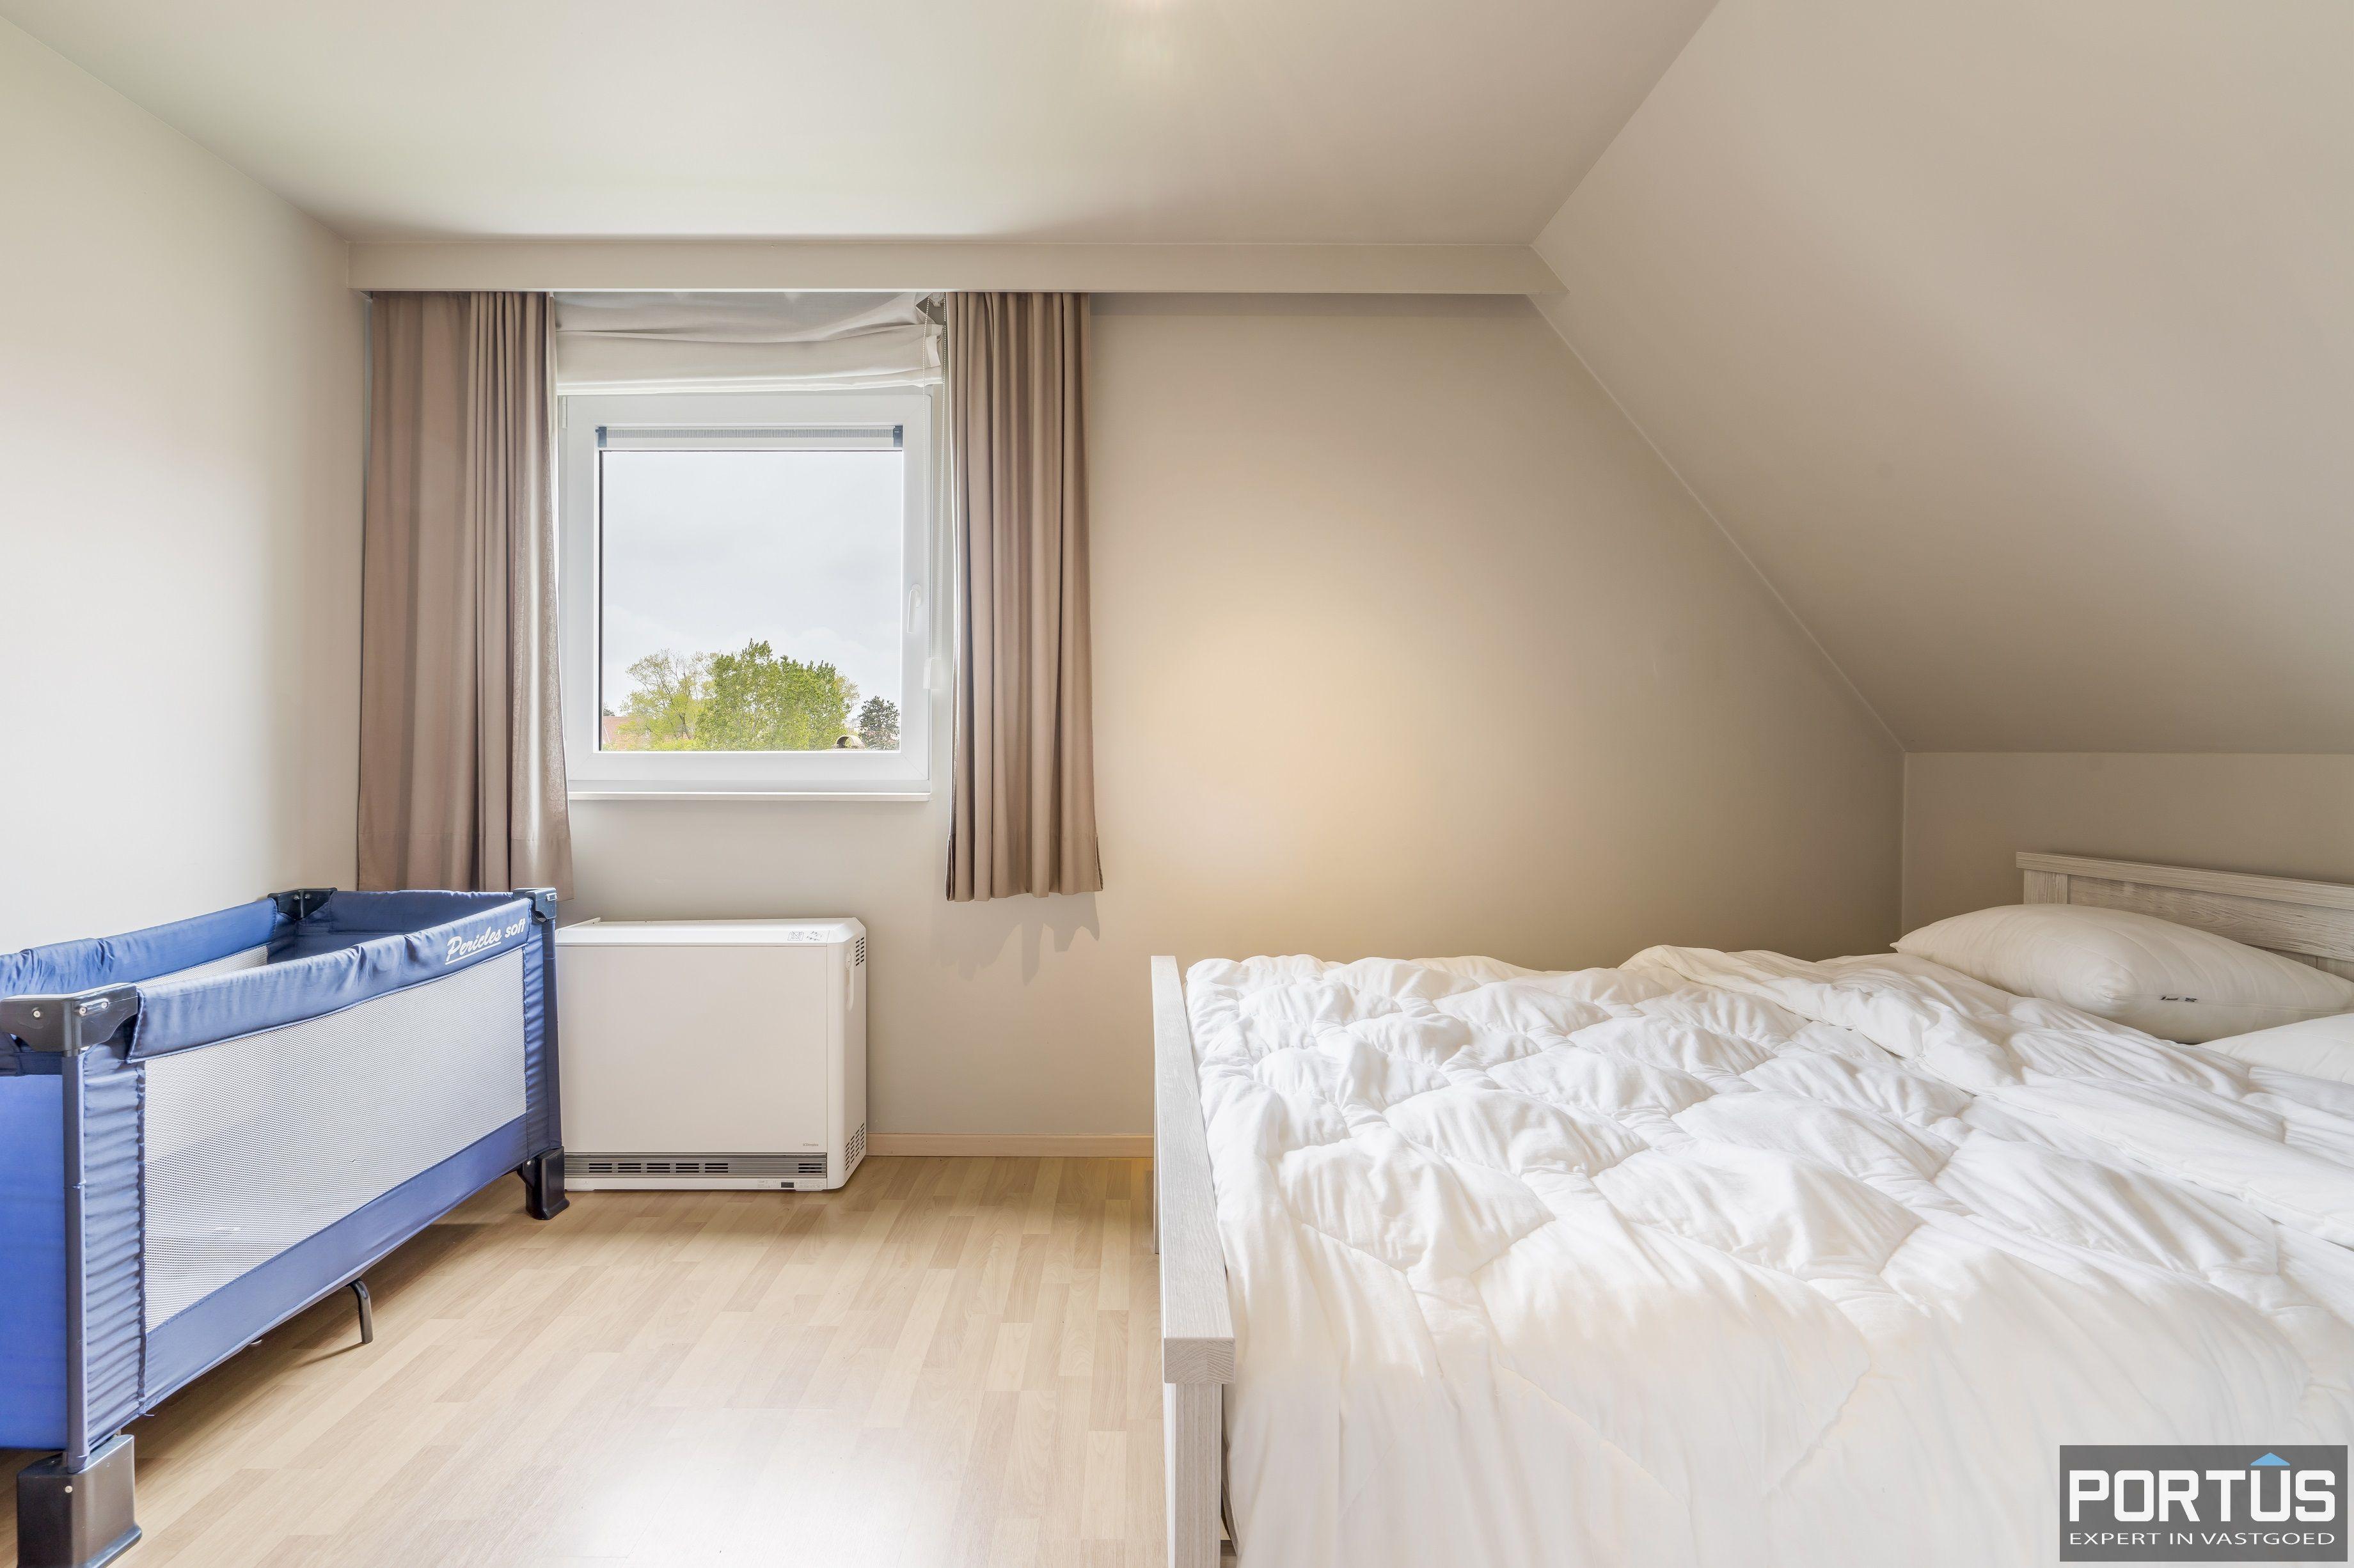 Appartement te koop te Nieuwpoort met 4 slaapkamers - 12982